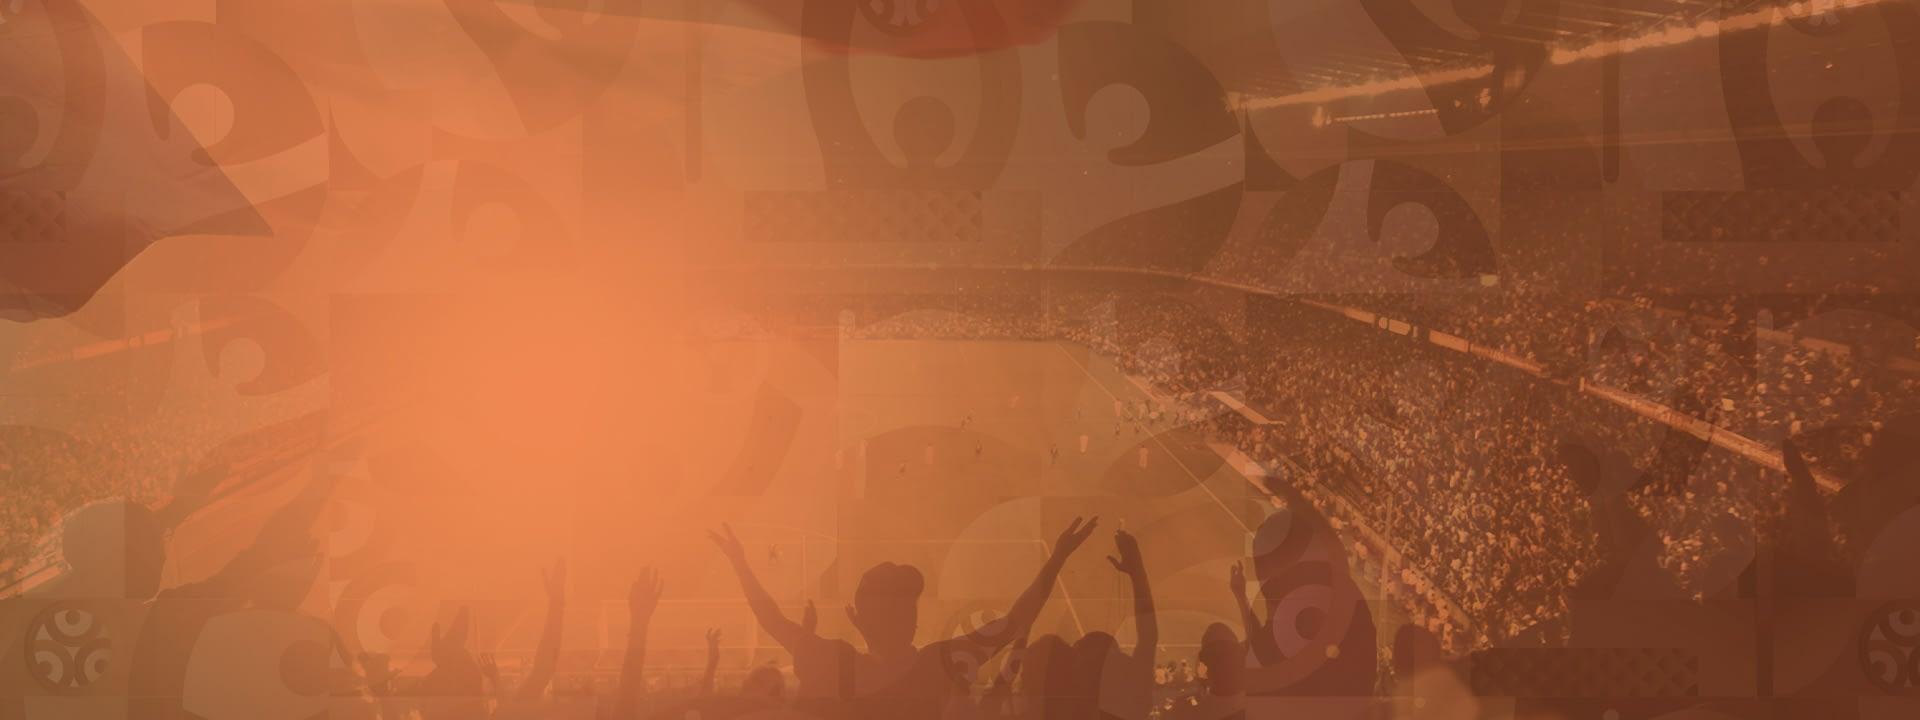 eurocup bg - Home